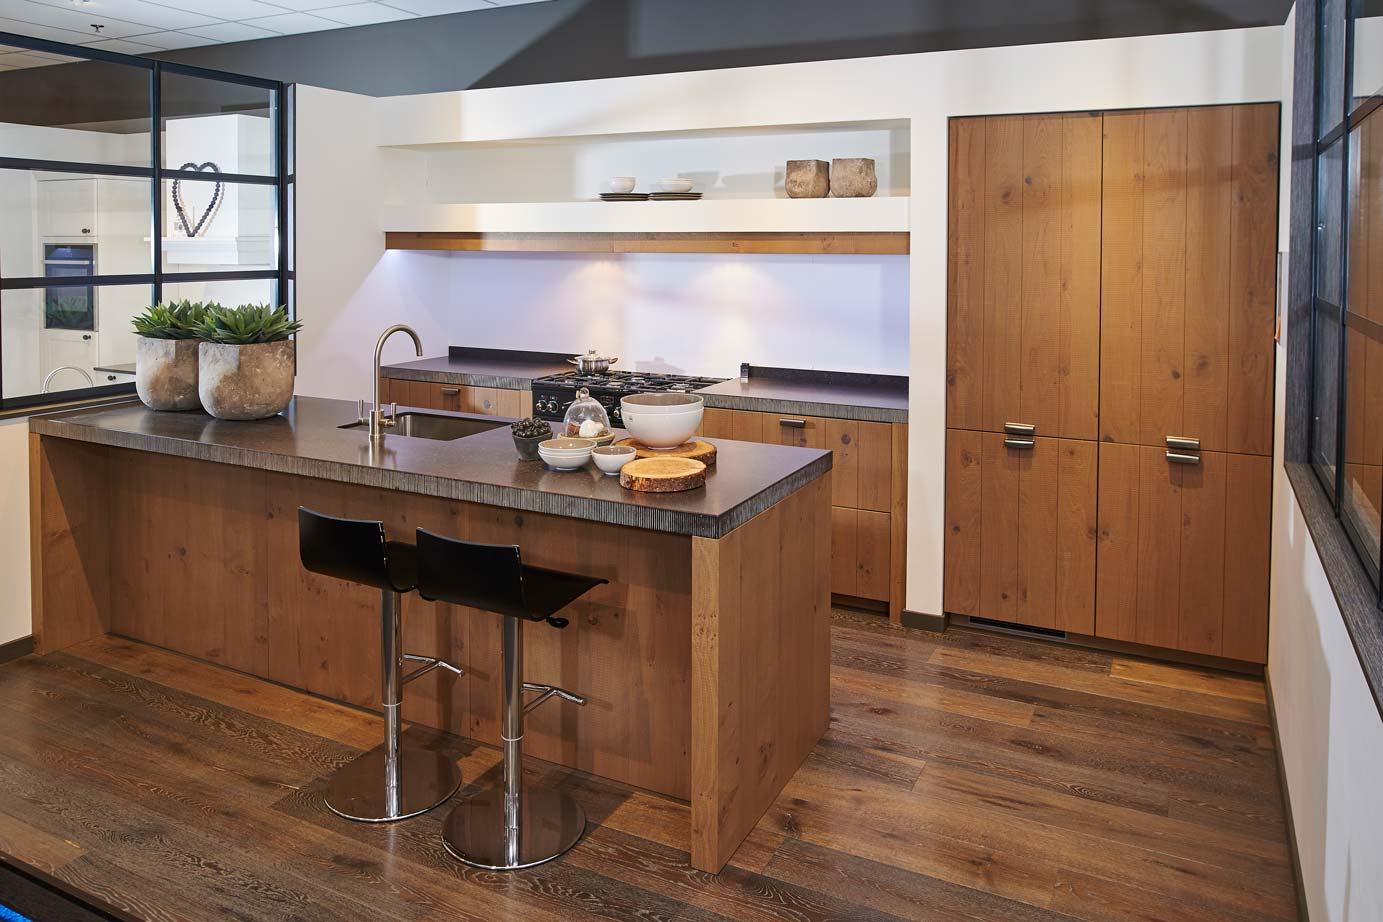 Grey Keuken Houten : Houten keukens voor uw natuurlijke sfeer arma